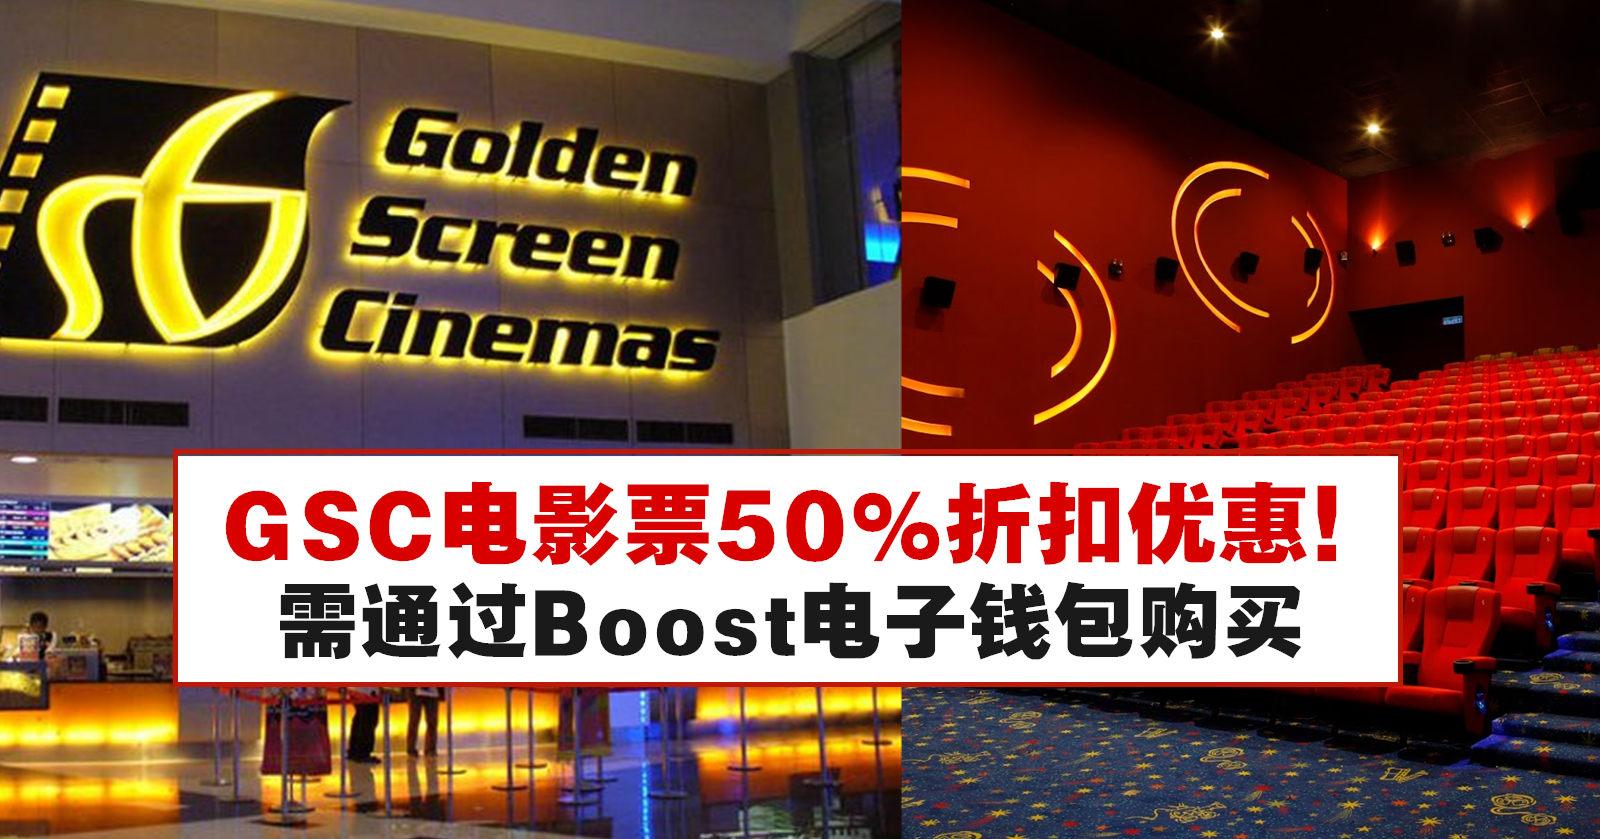 GSC电影票50%折扣优惠!